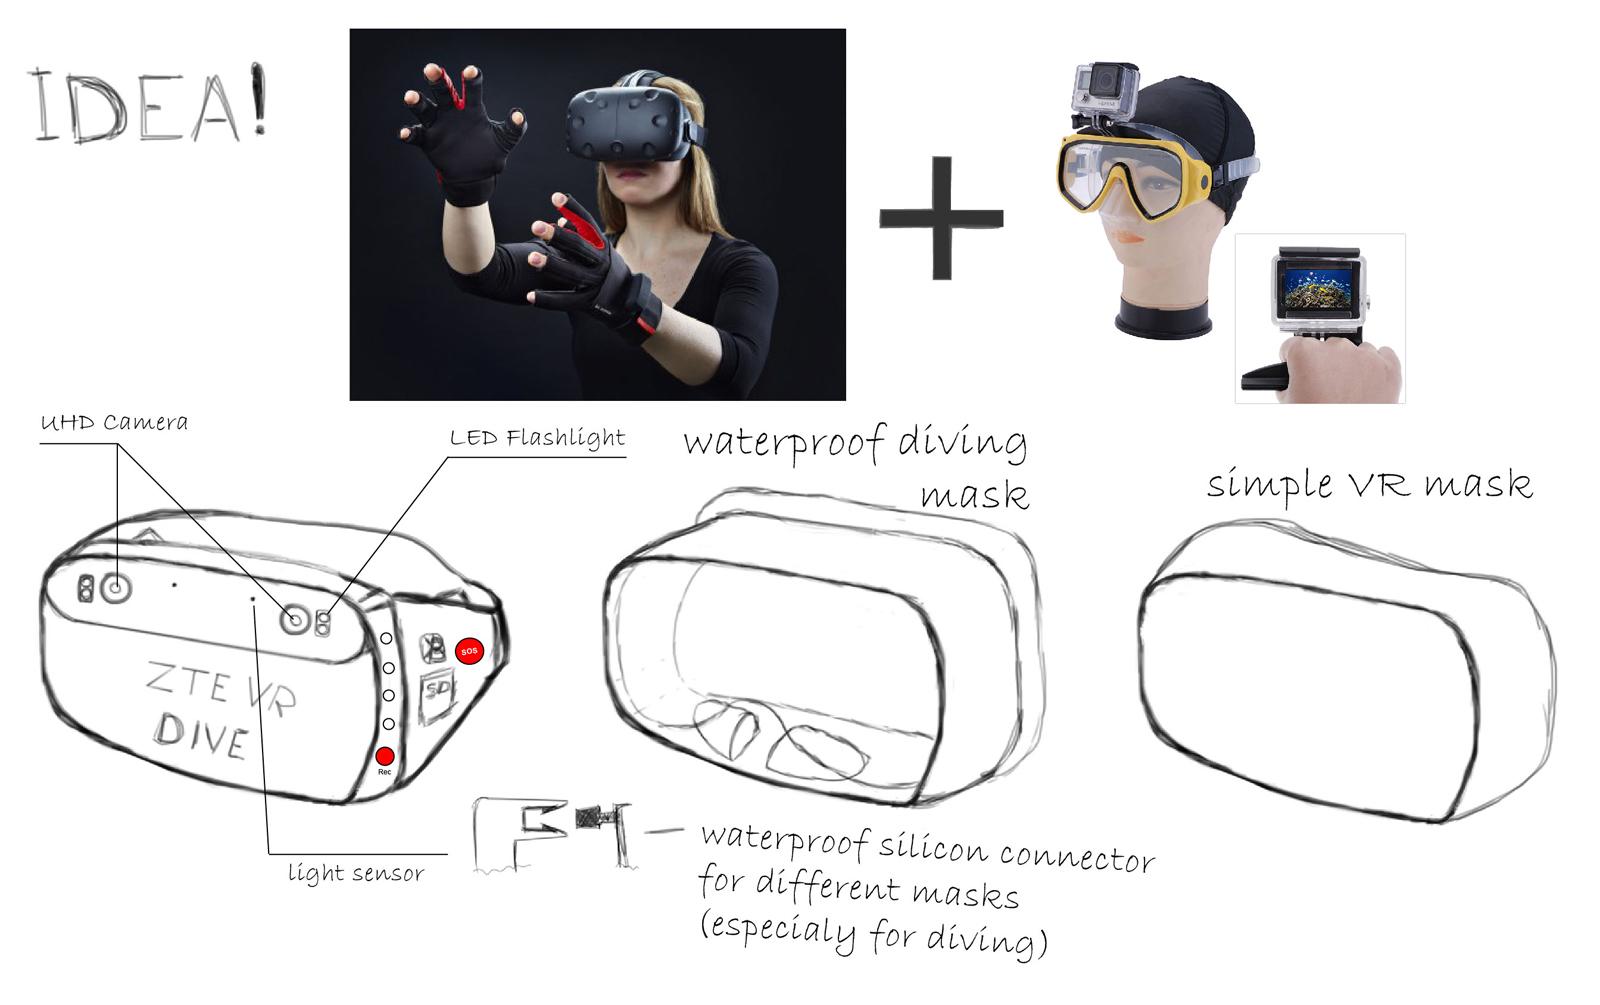 ZTE Hawkeye Kickstarter Smartphone To Get Some Changes